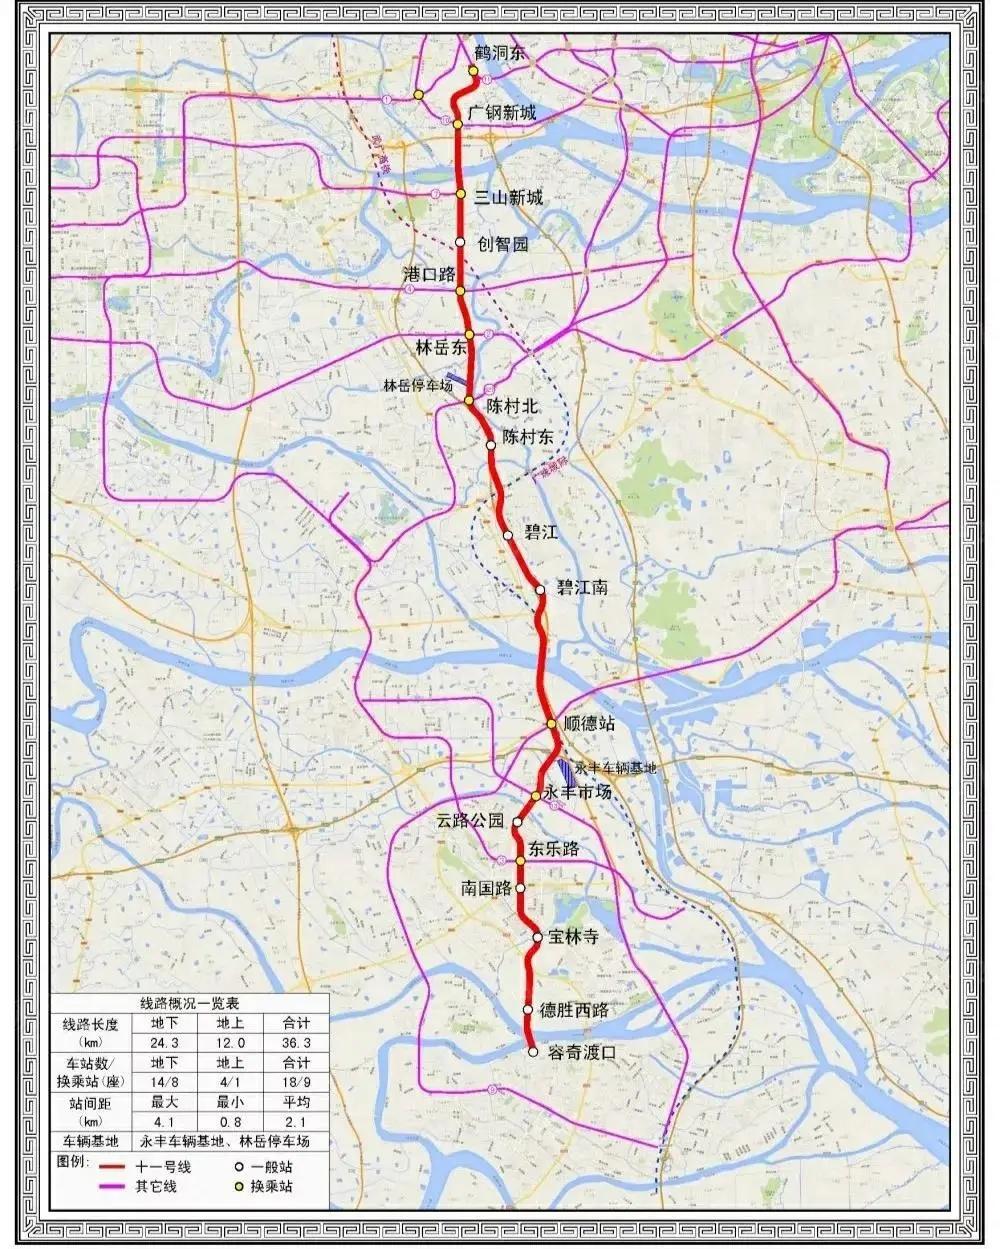 佛山地铁11号线规划示意图